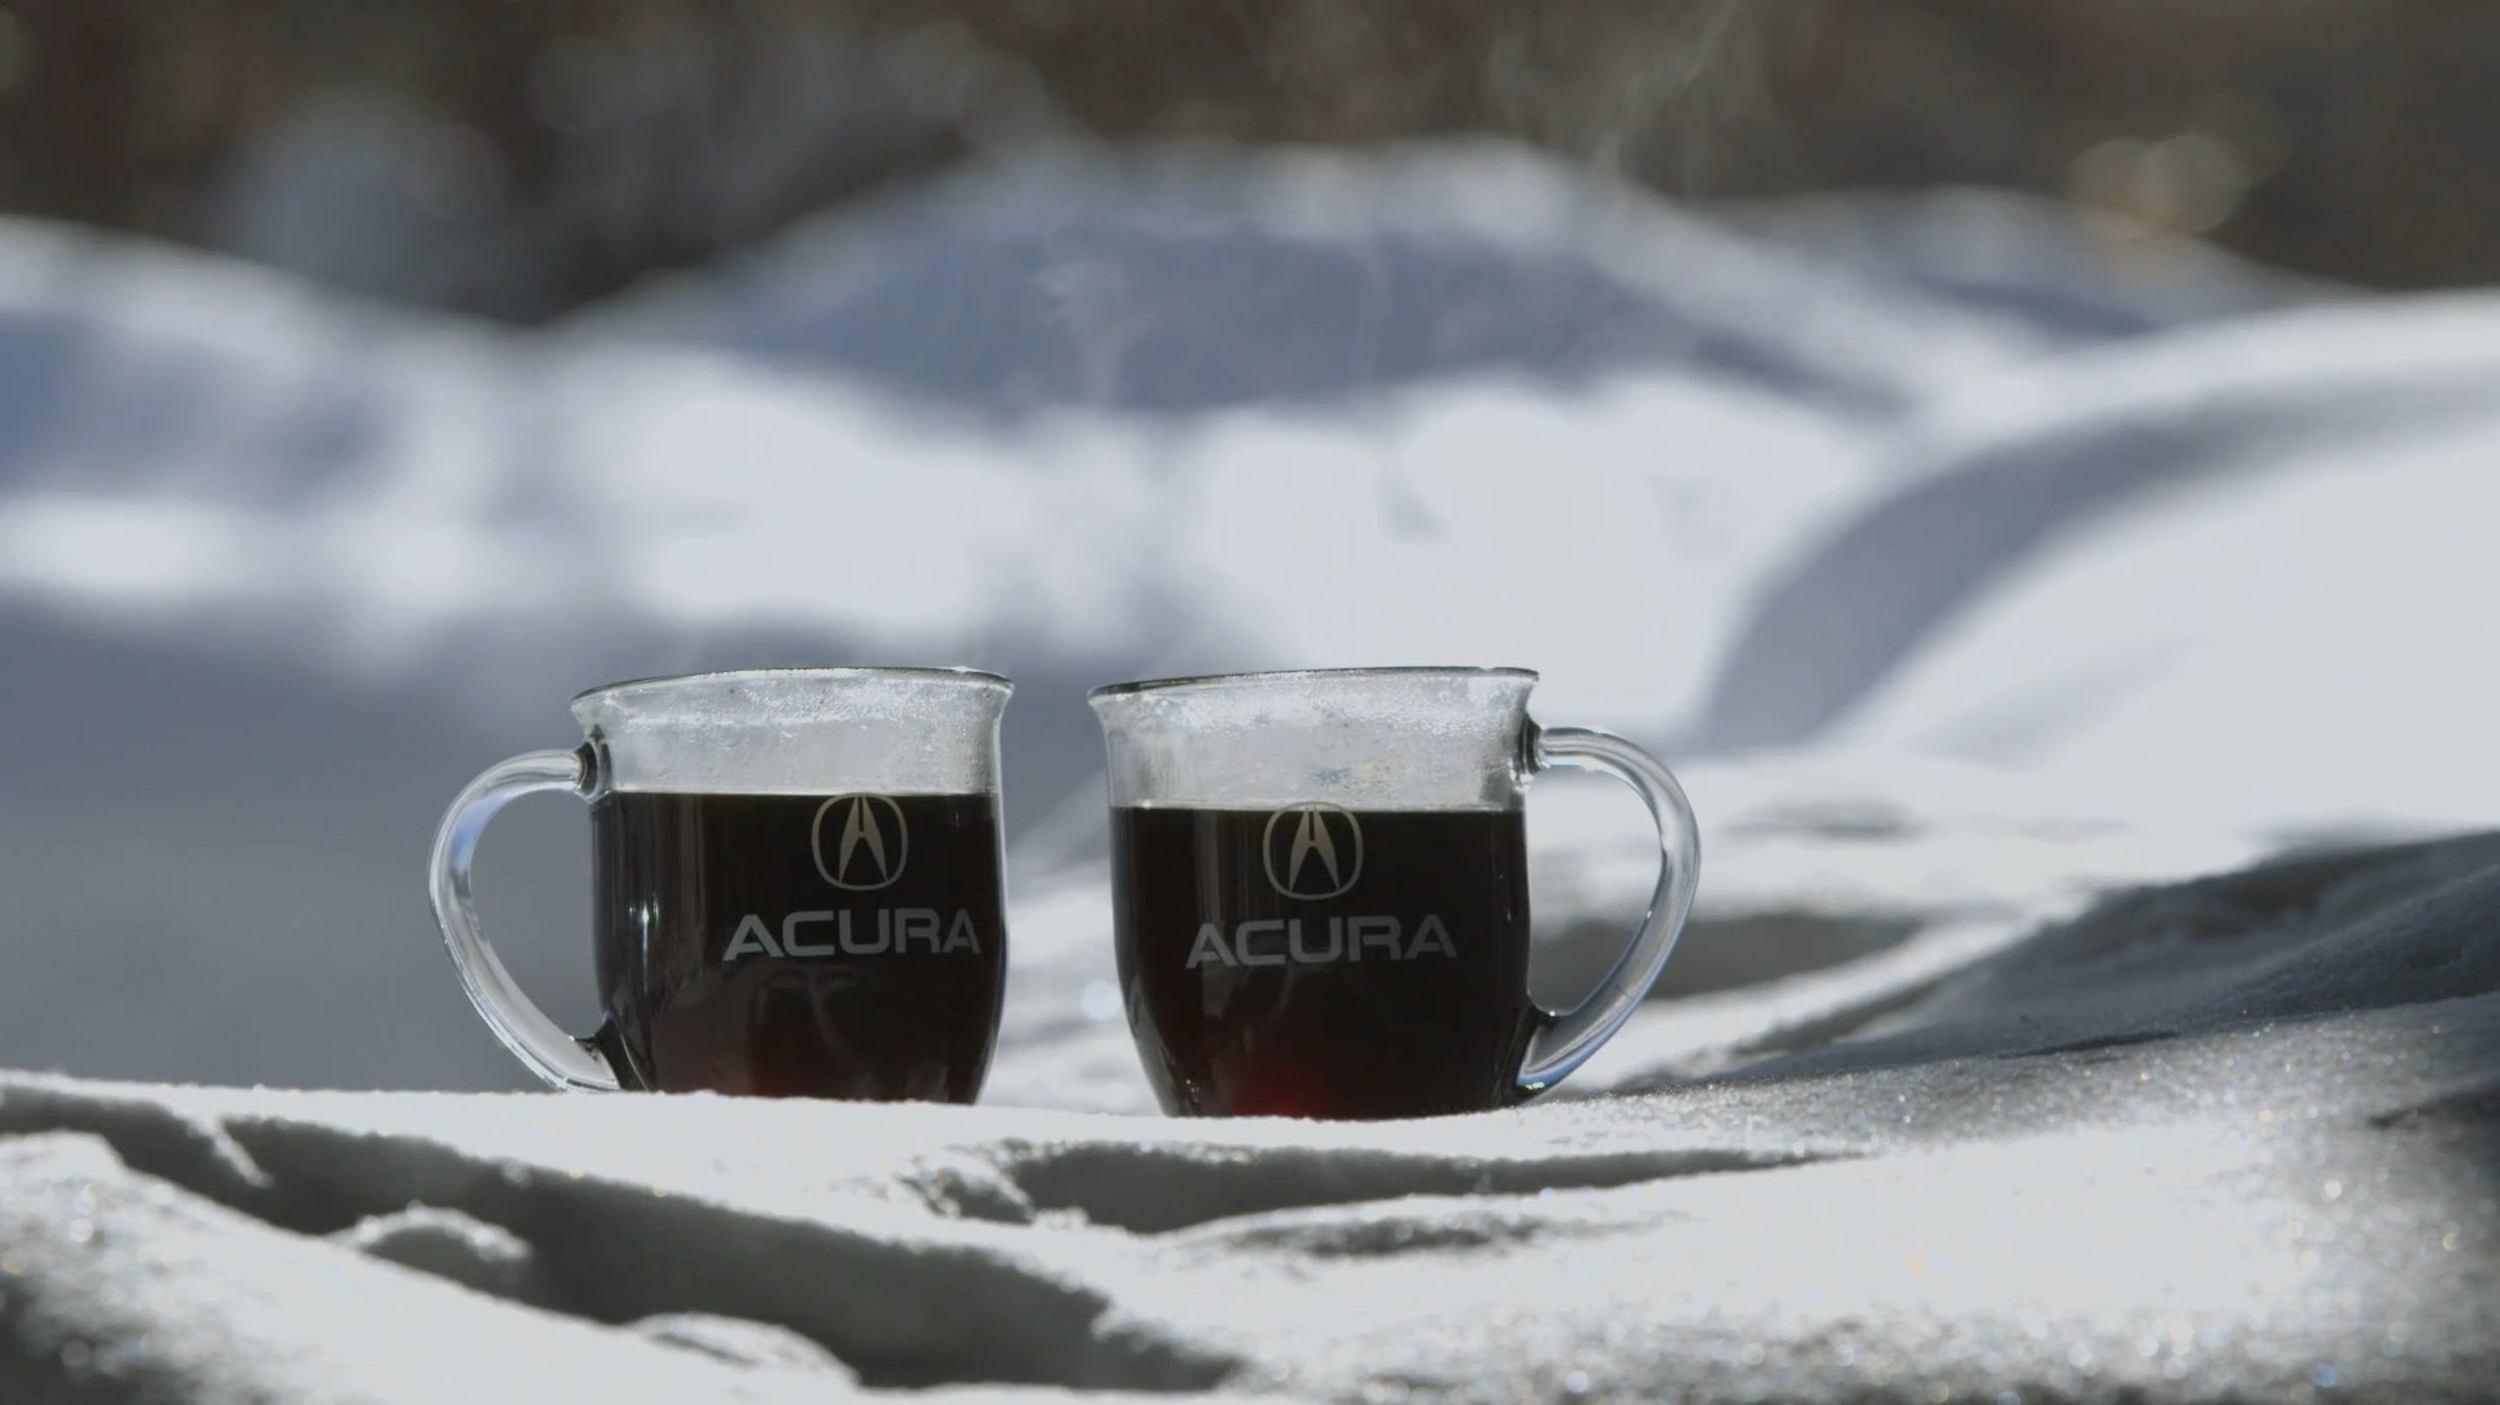 Acura Mugs Snow.jpg